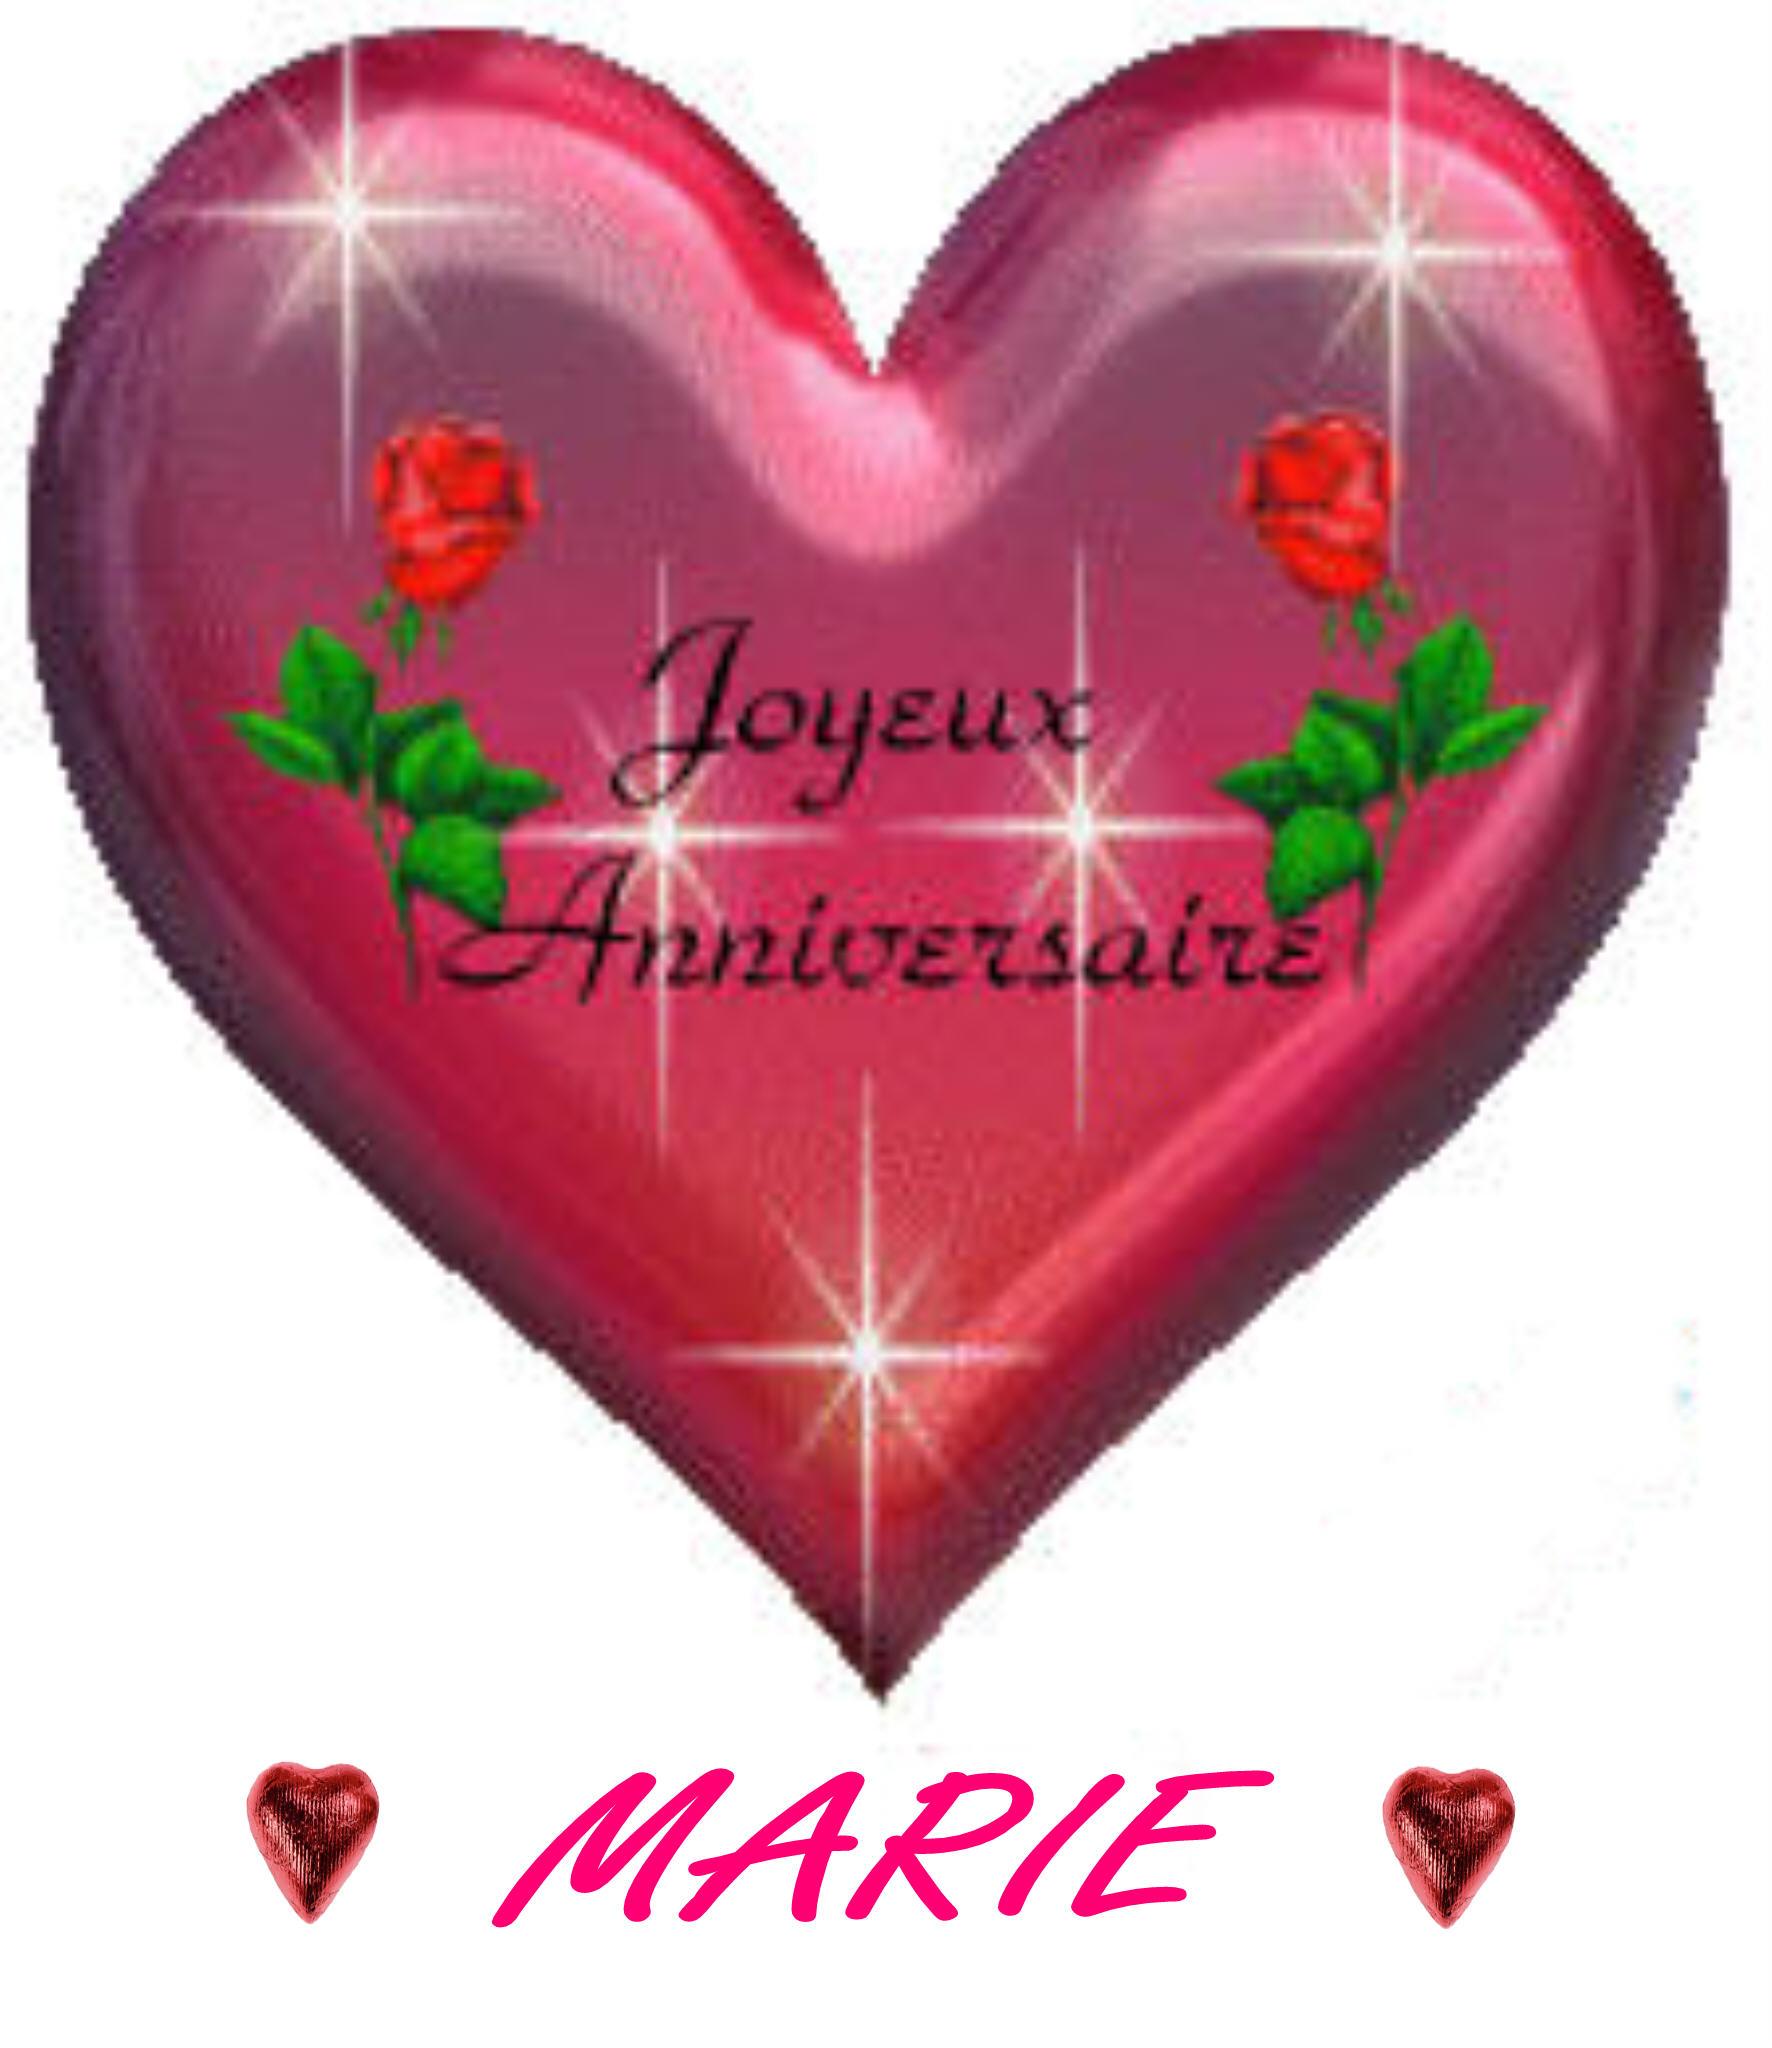 COEUR JOYEUX ANNIVERSAIRE A MARIE